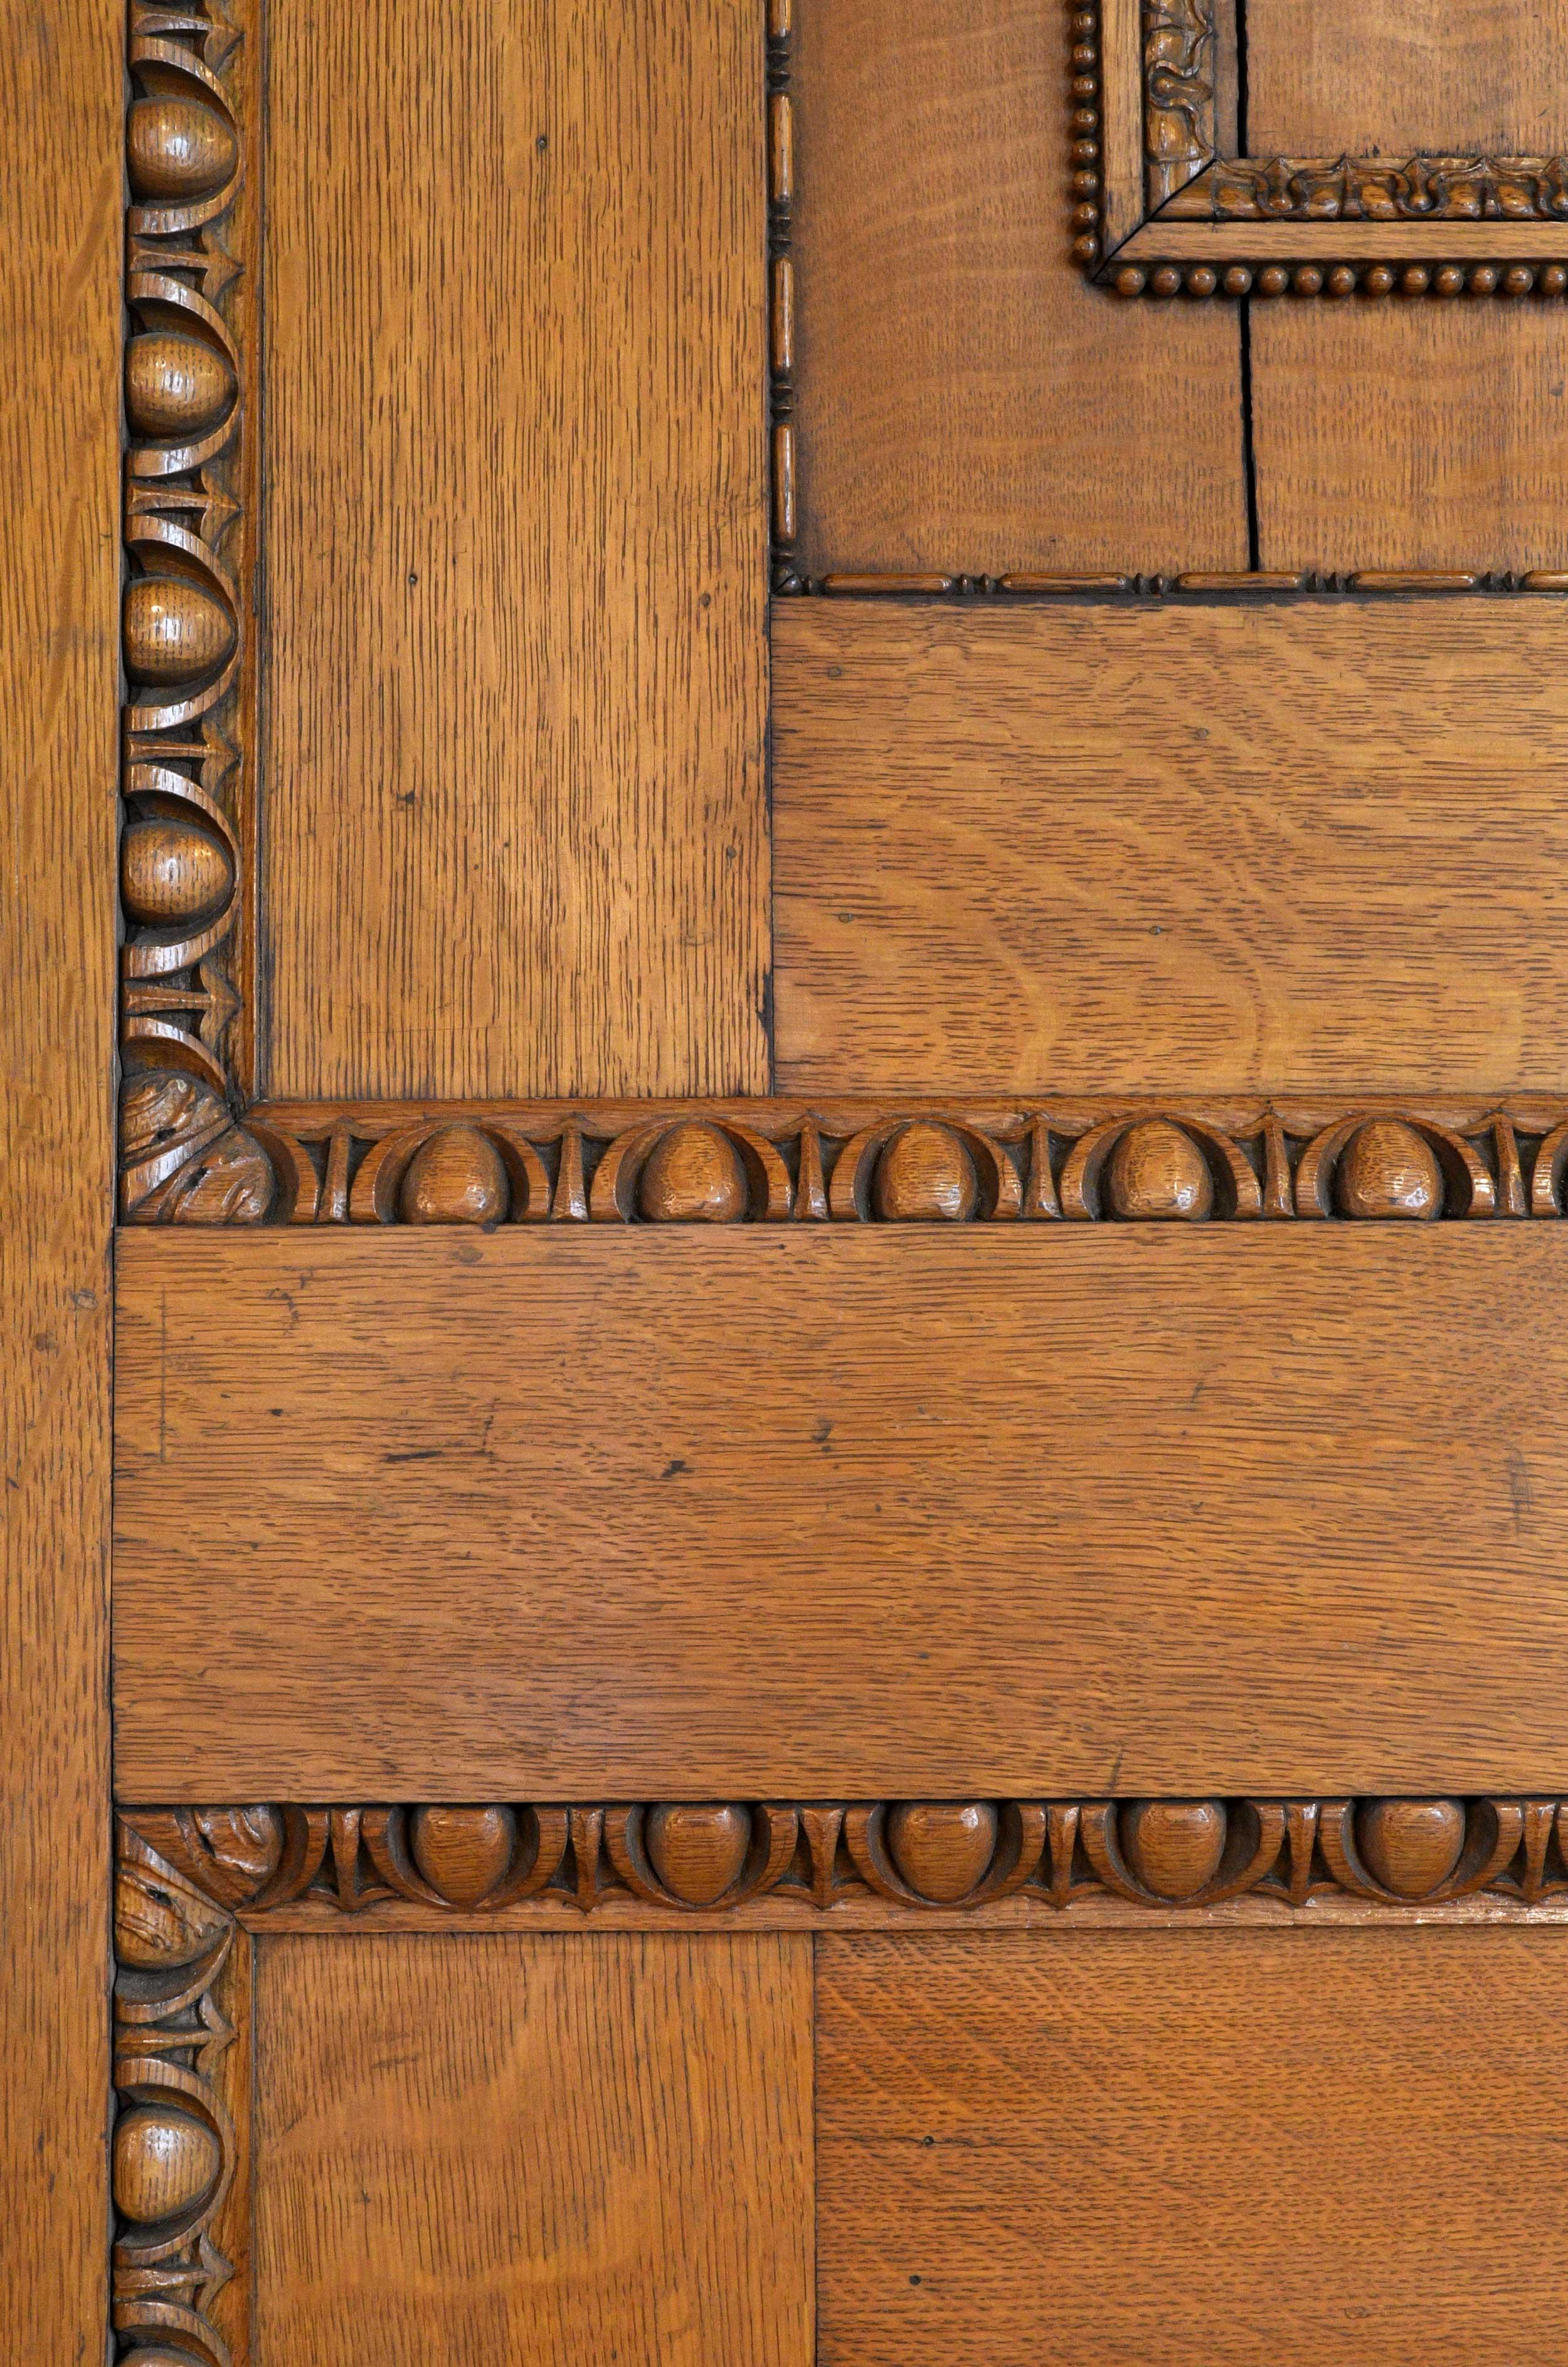 47925-massive-carved-oak-pocket-door-details.jpg